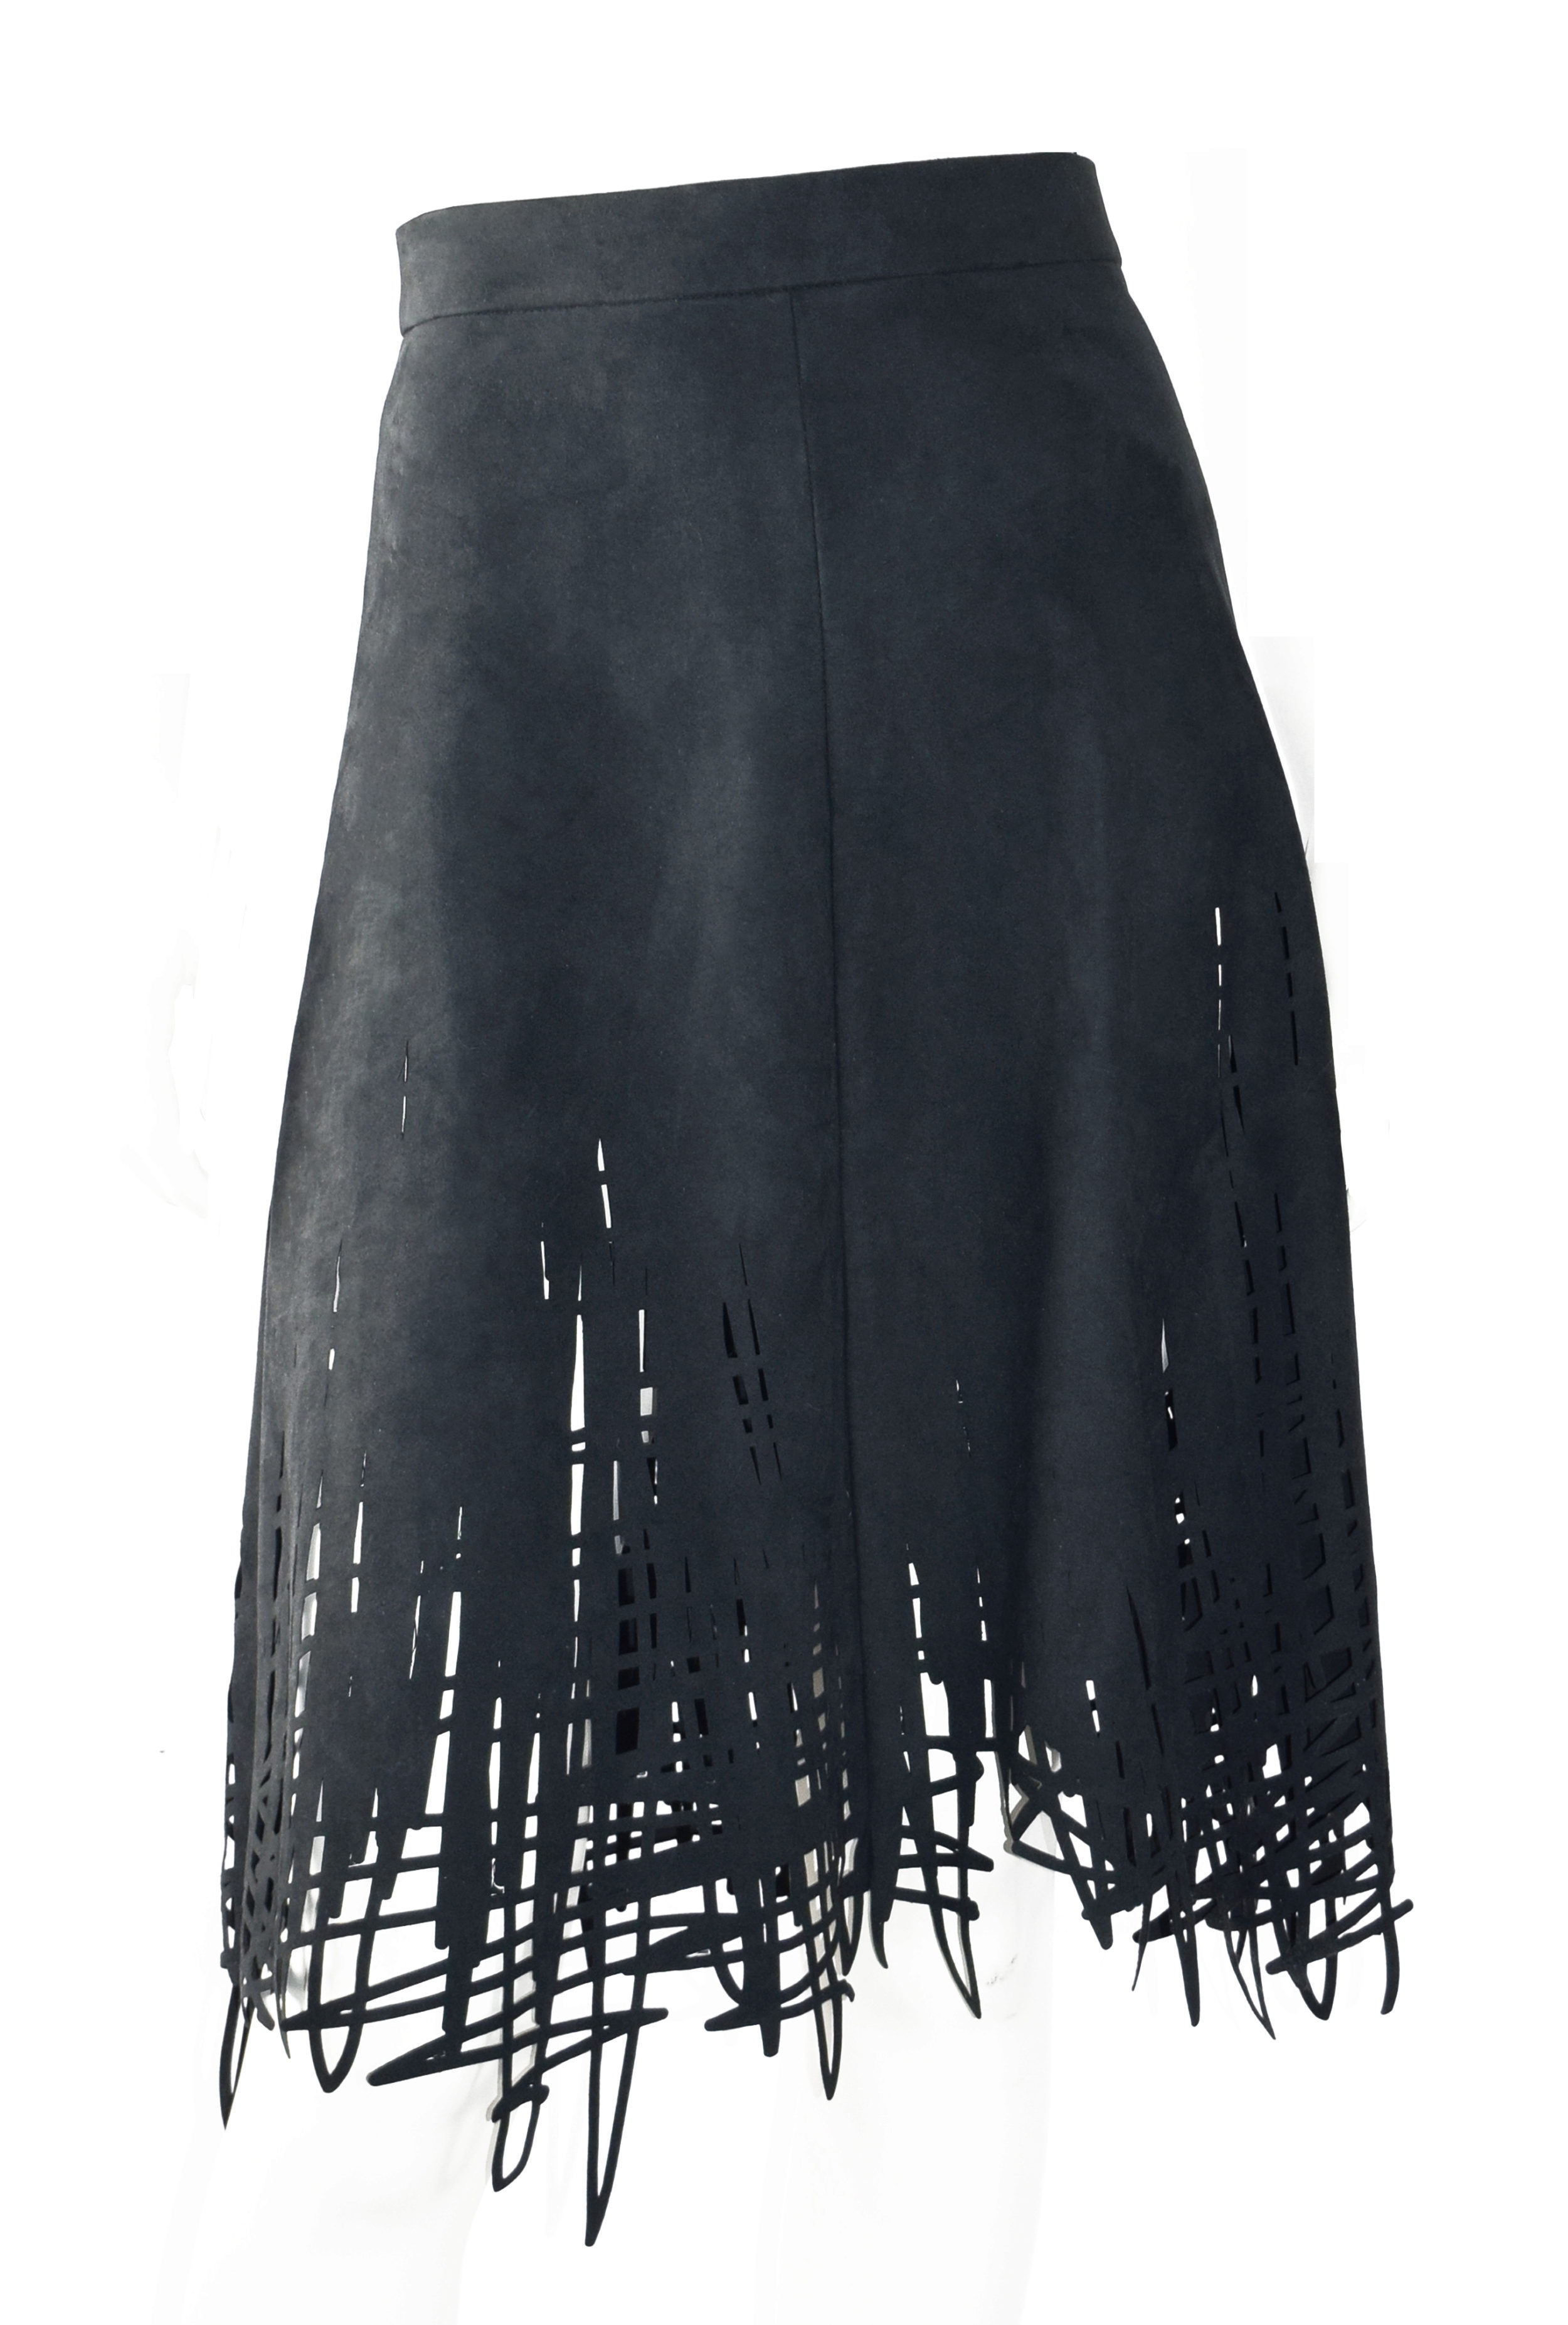 Skirt_Suede_Black1.jpg